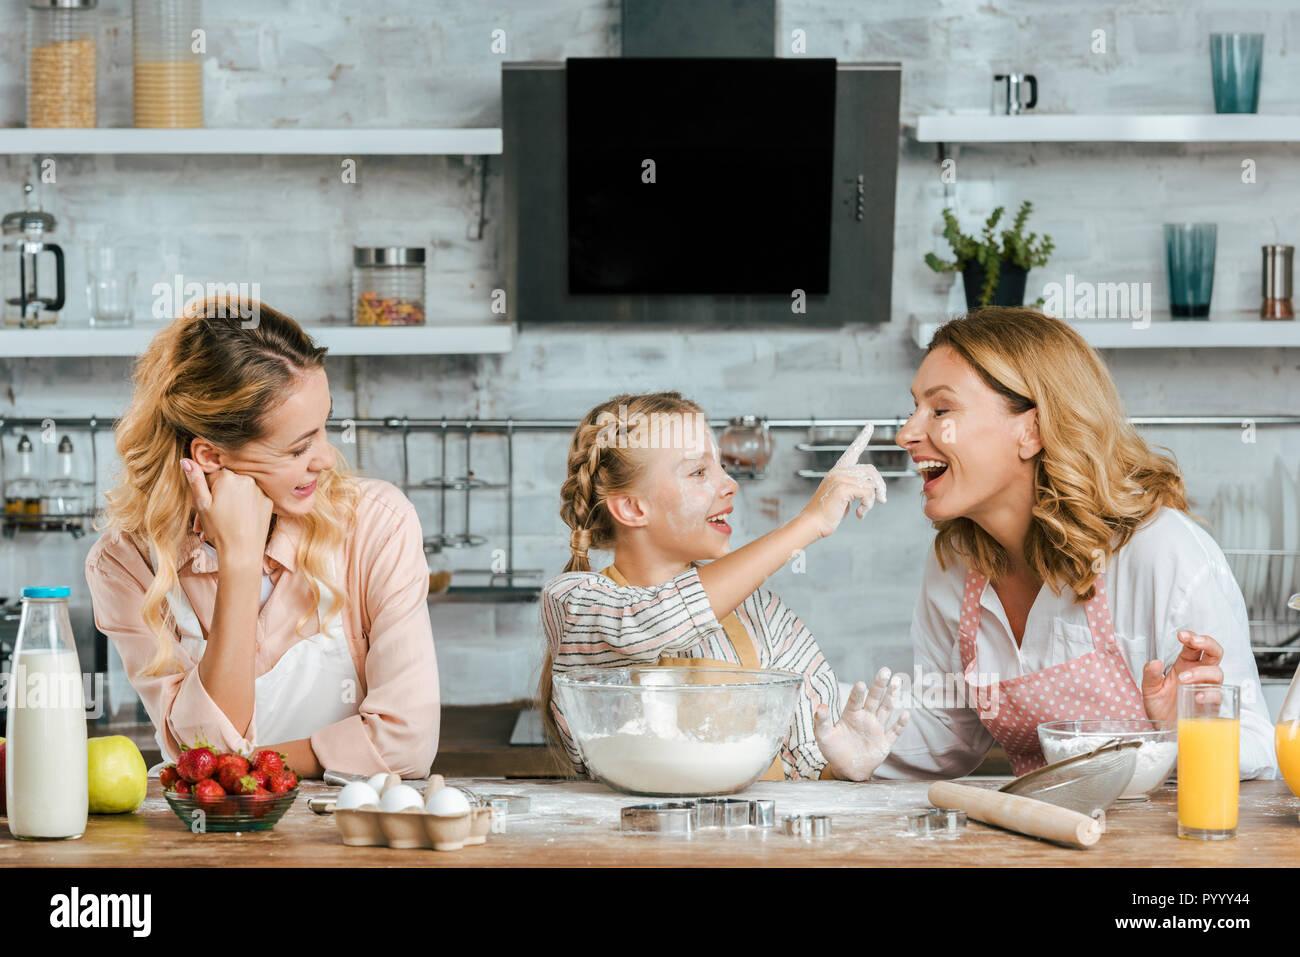 Sorridente bambina preparazione impasto e giocando con la madre e la nonna a casa Immagini Stock